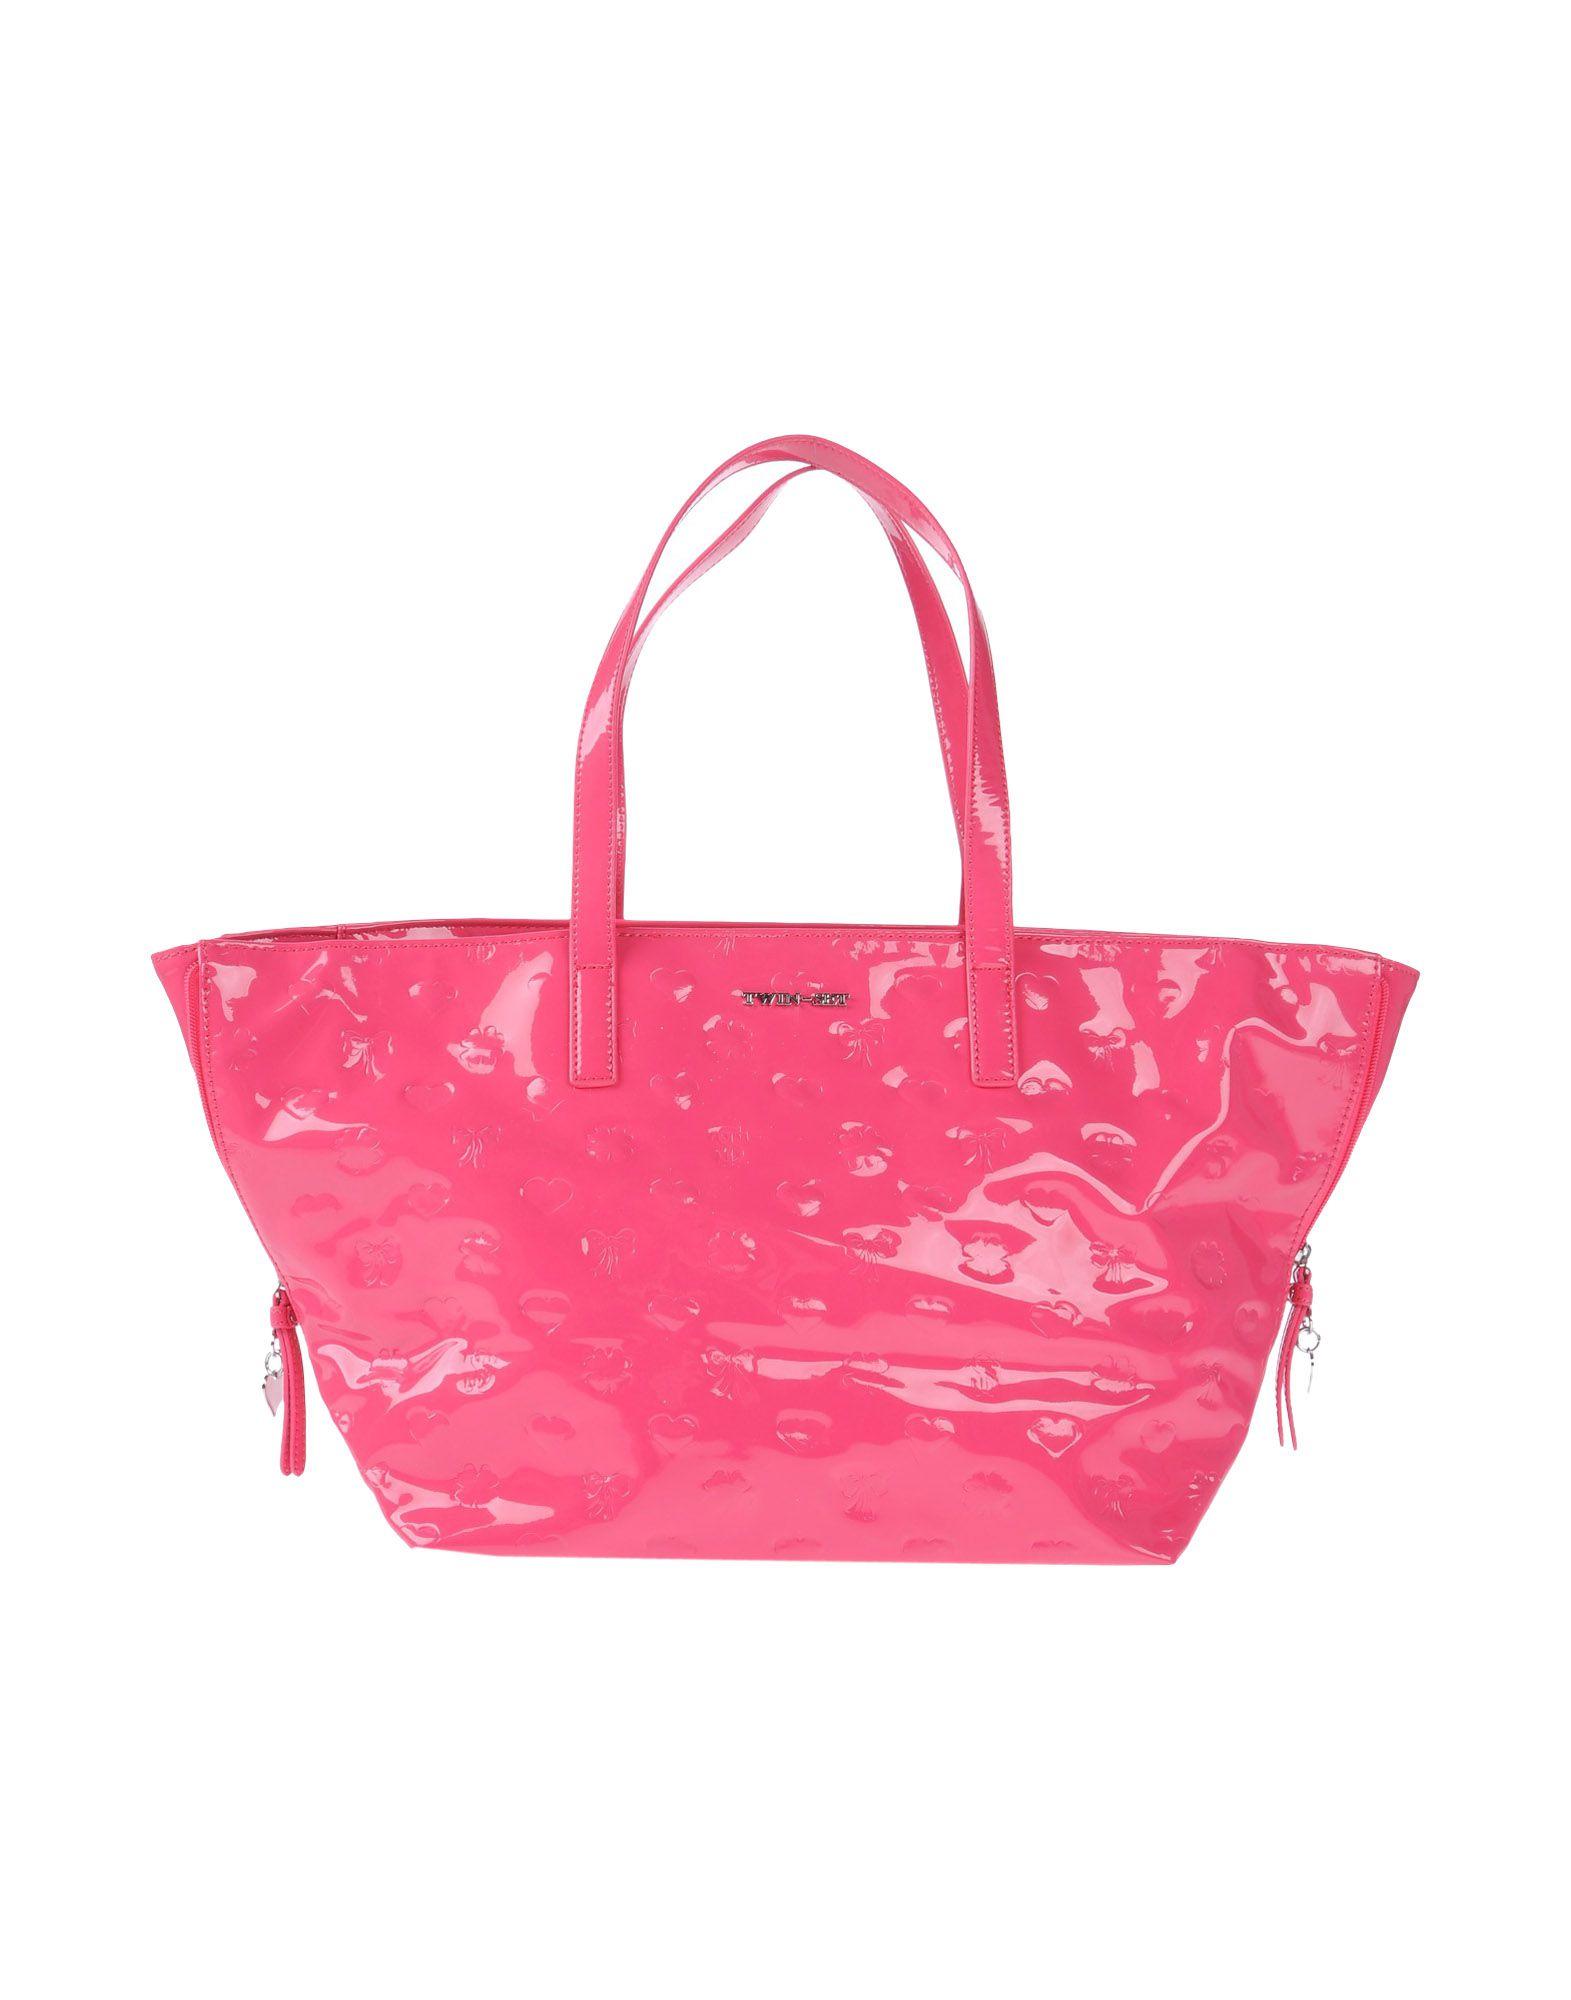 TWIN-SET SIMONA BARBIERI Handbags